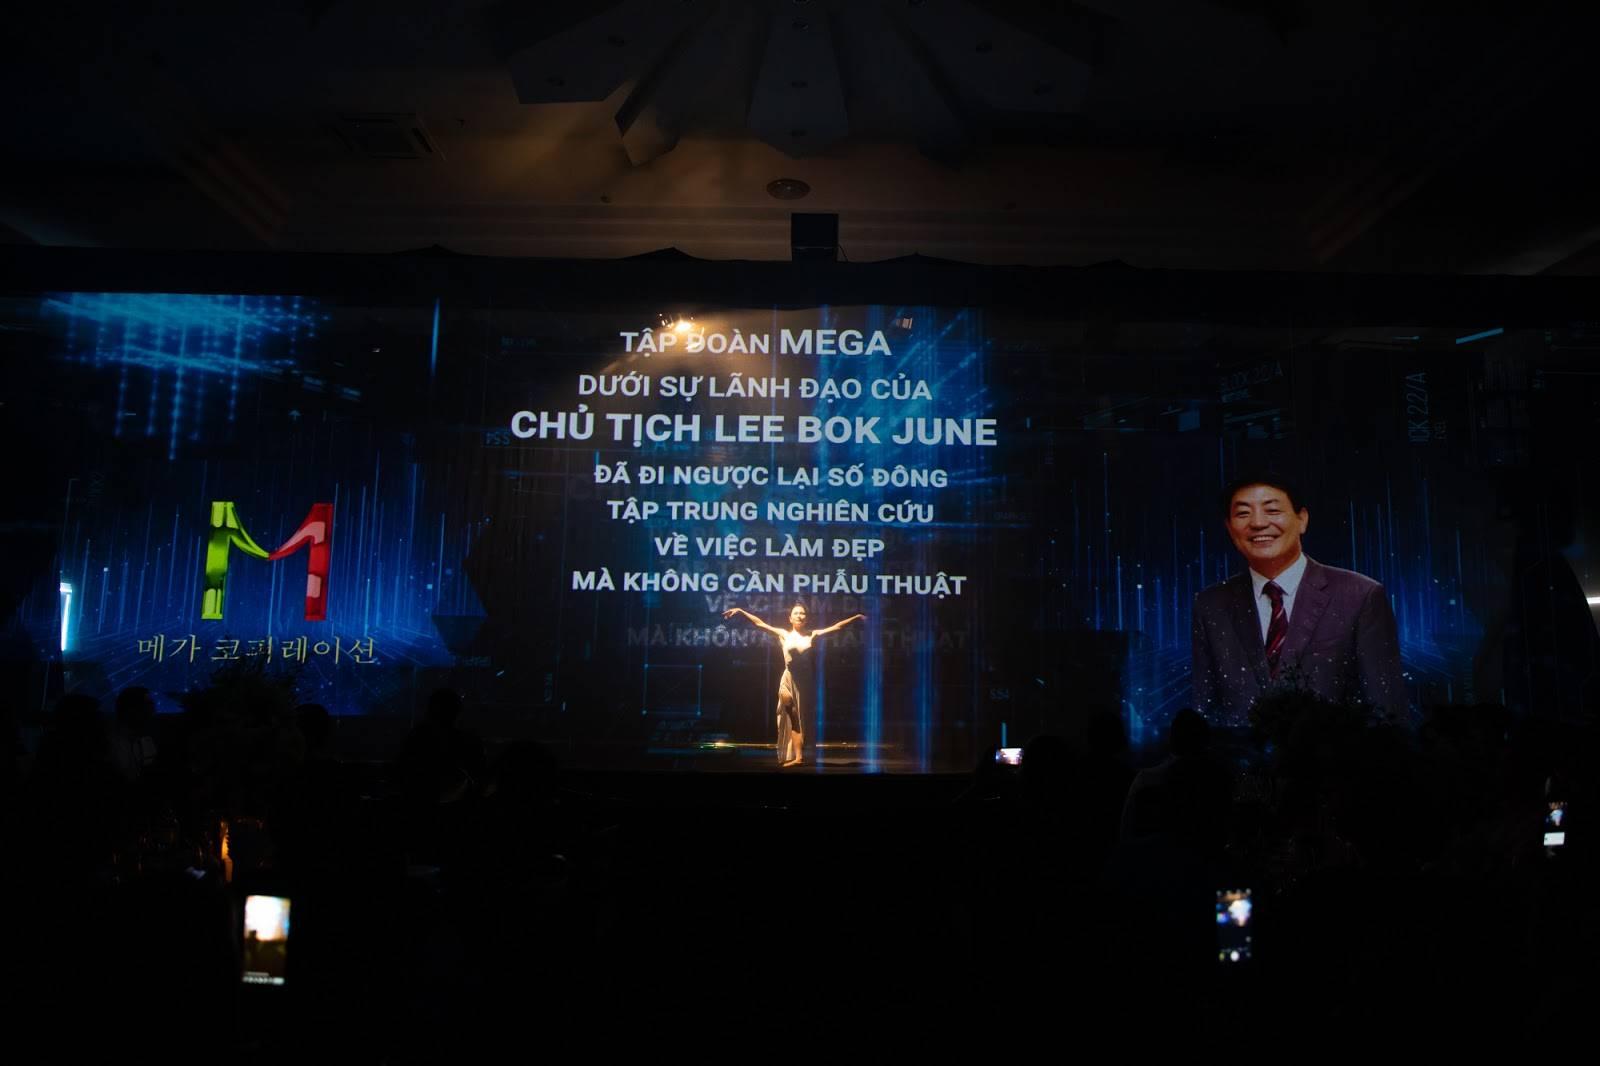 Viện thẩm mỹ Gangnam được coi là thương hiệu có nhiều đột phá trong lĩnh vực thẩm mỹ làm đẹp, mang tinh hoa thẩm mỹ Hàn Quốc về Việt Nam